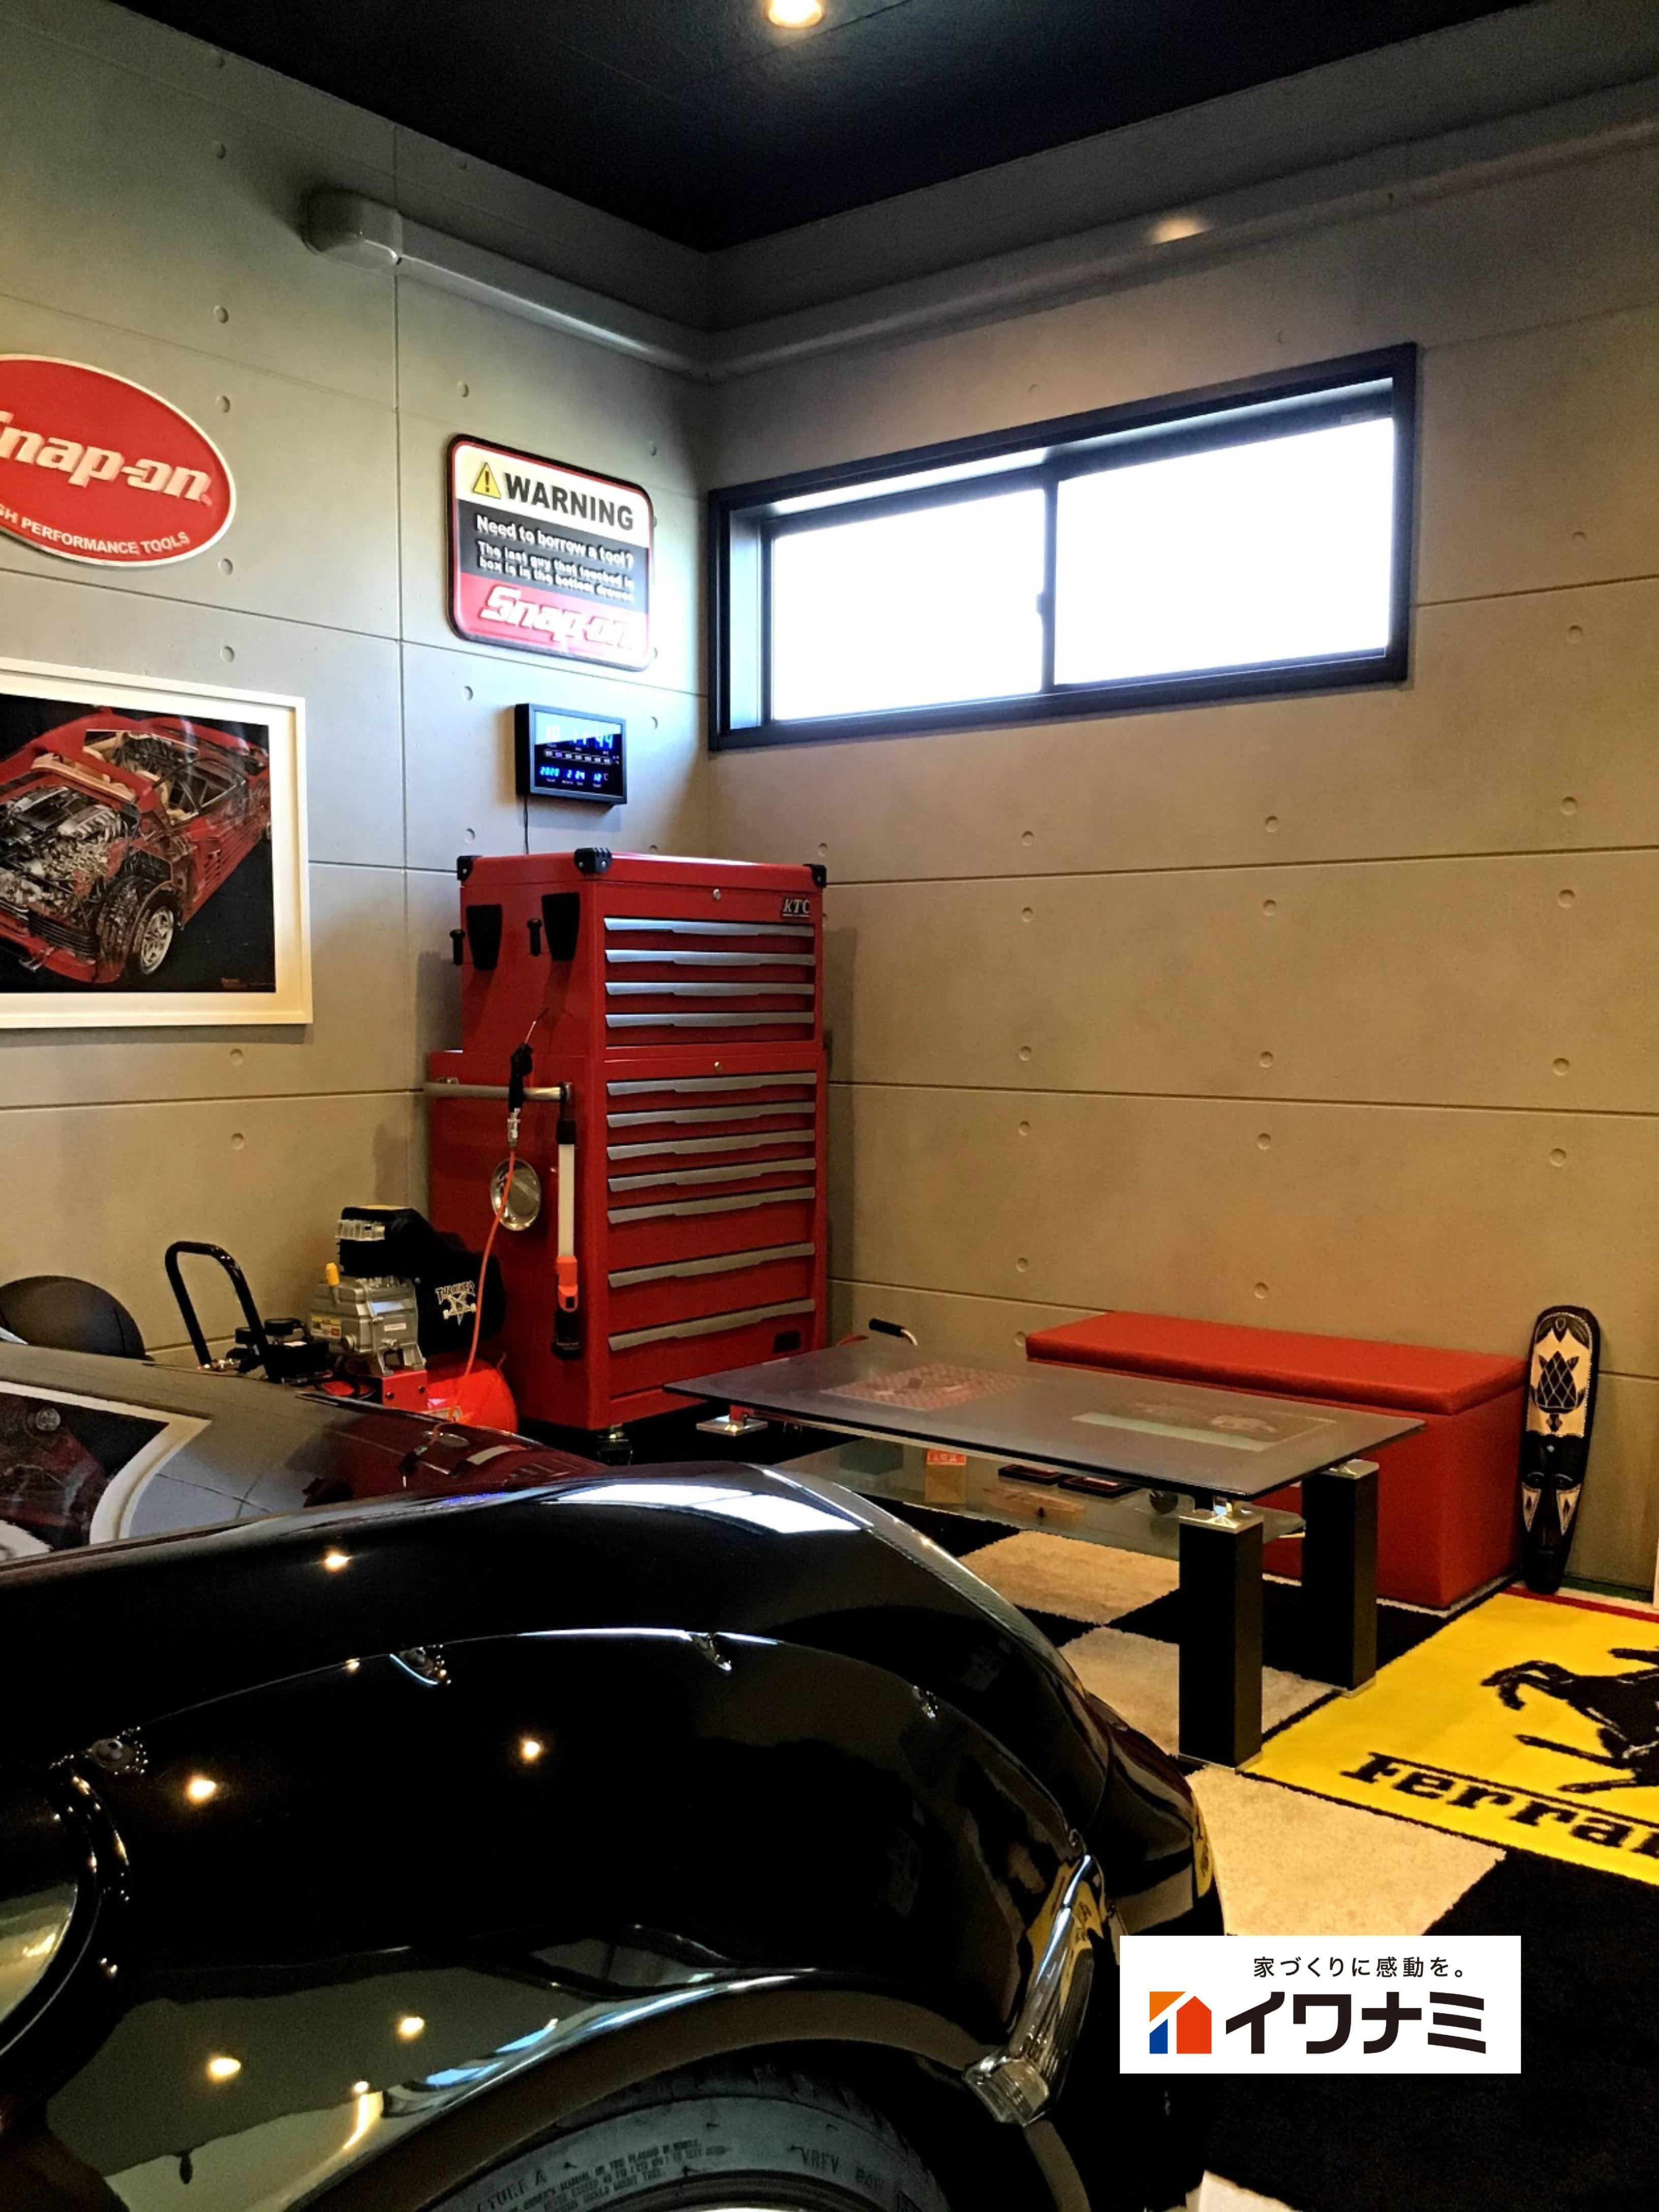 ガレージ内にも 車を眺めるスペースを インナーガレージ ガレージ